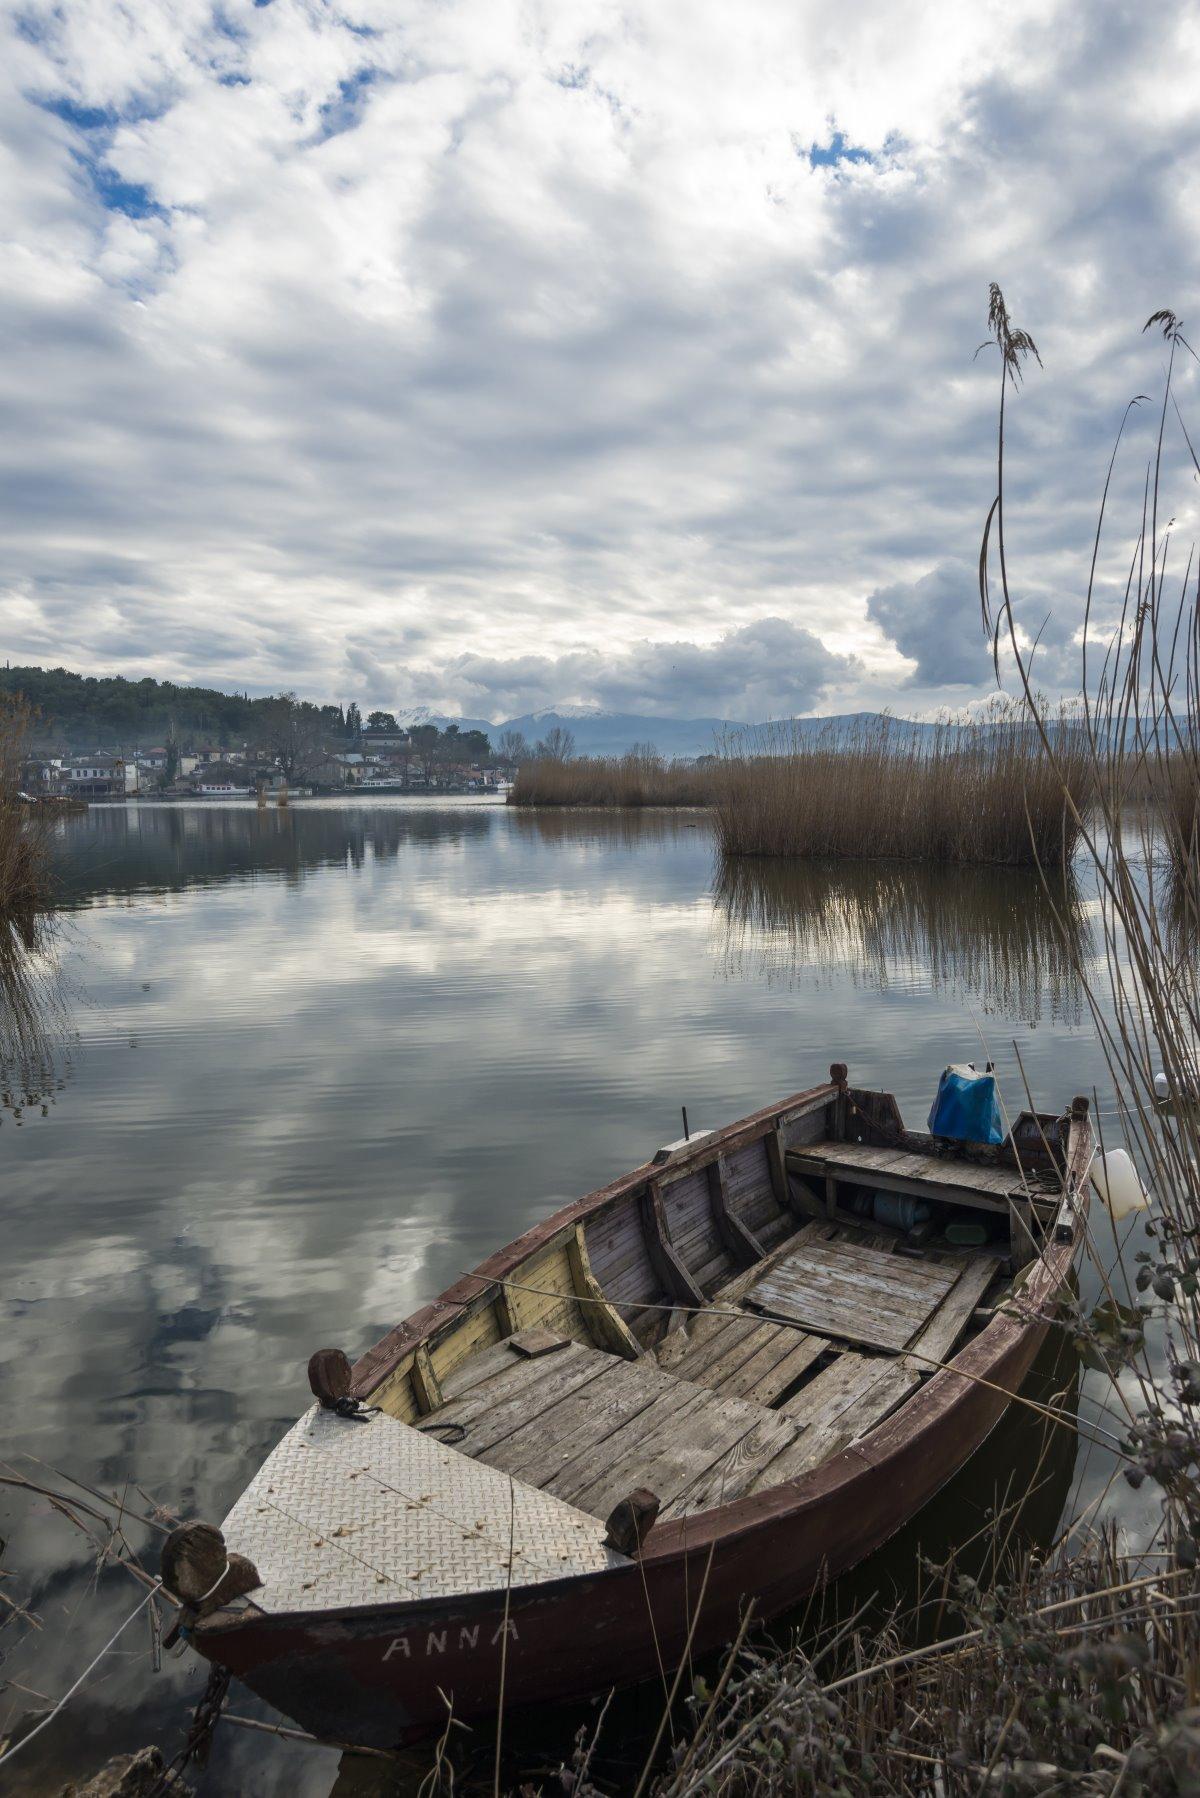 μοναστήρι νησάκι Ιωαννίνων βάρκα στη λίμνη